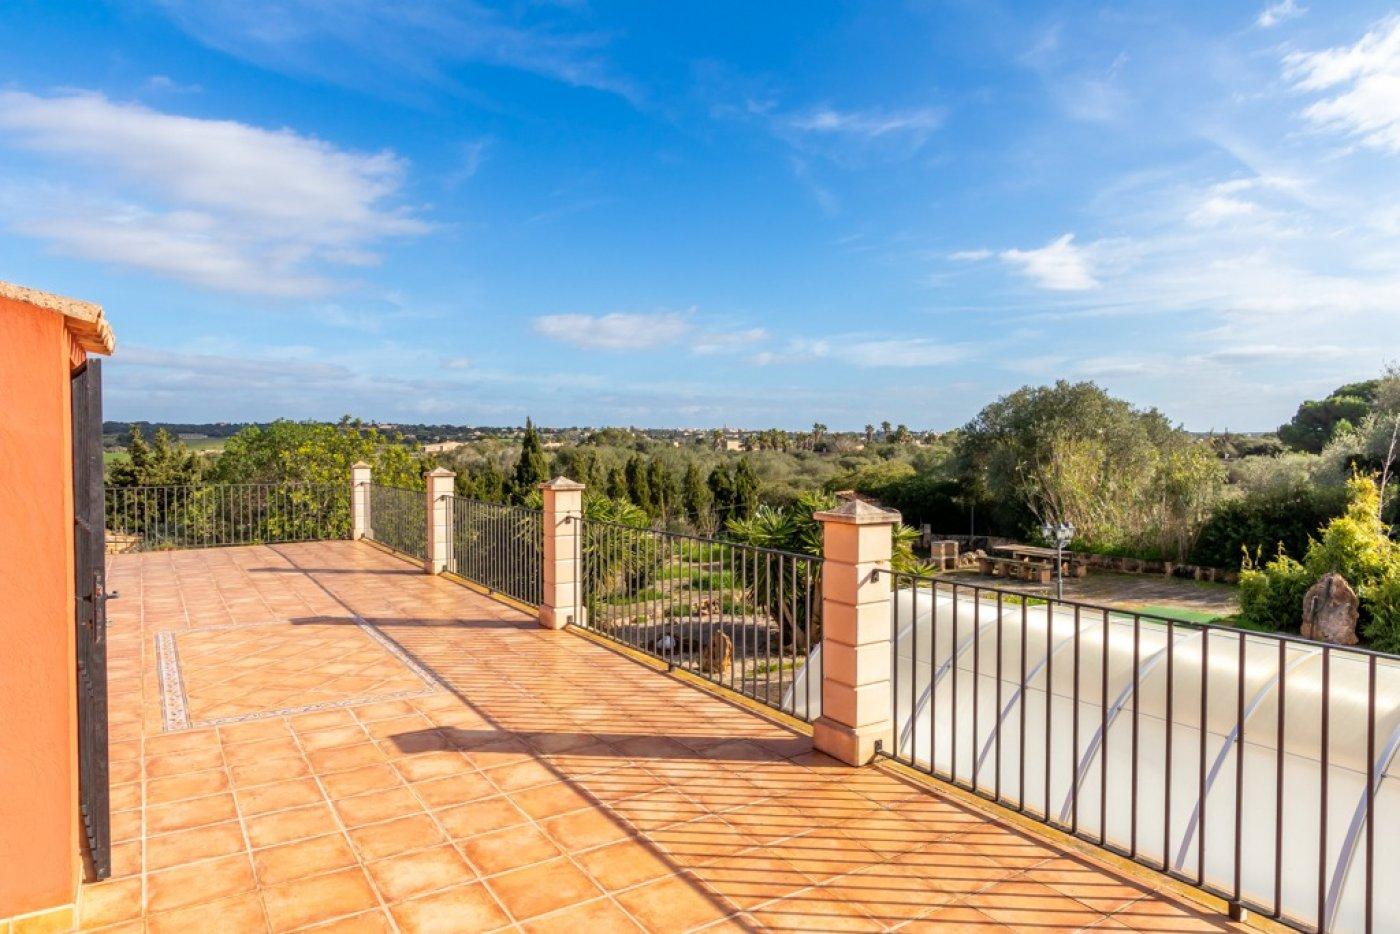 Magnifica villa en ses salines - can somni - ideal inversores turÍsticos - imagenInmueble20